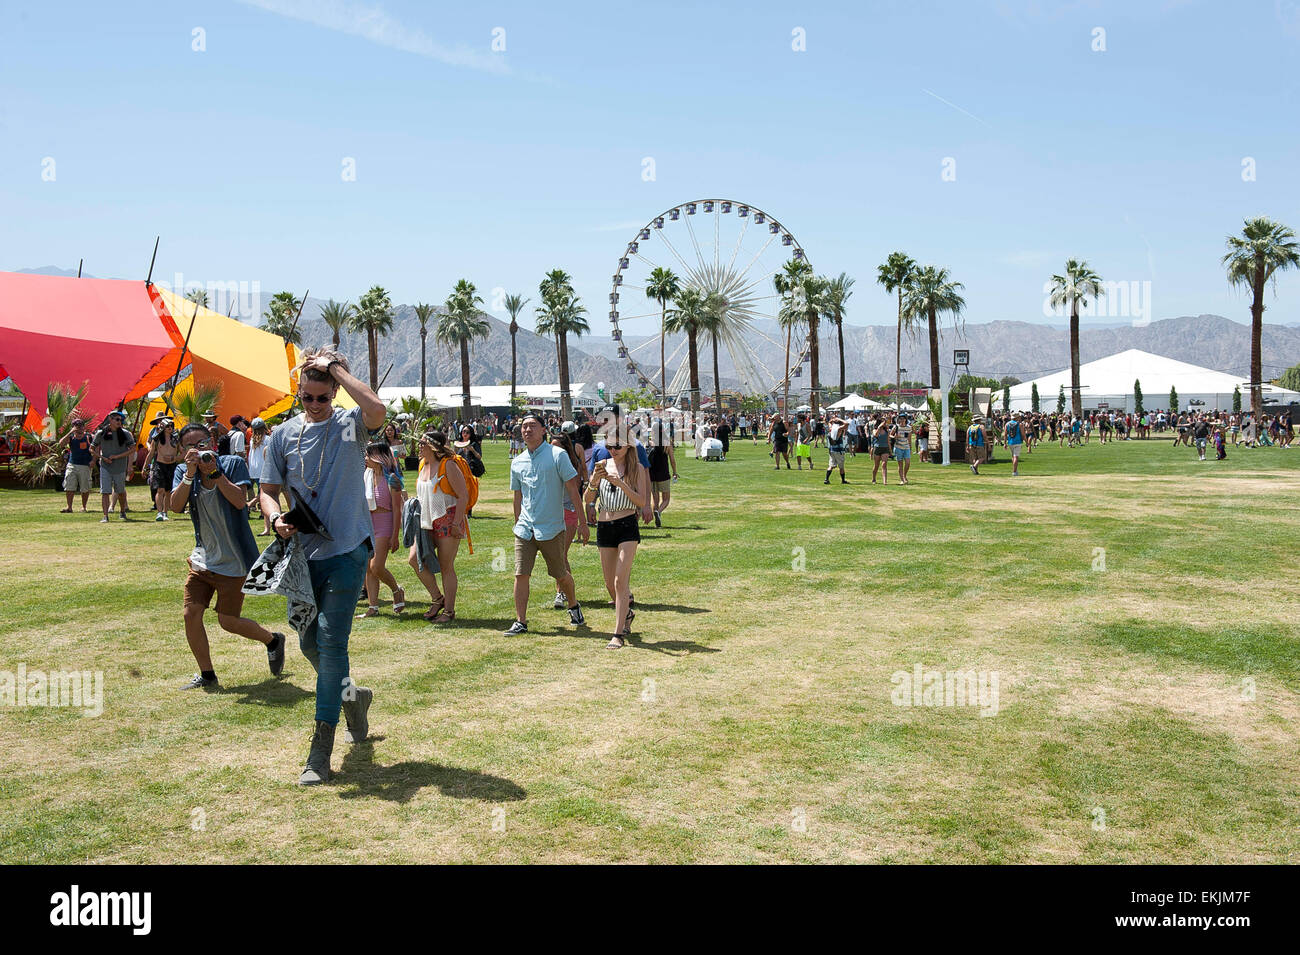 Indio, California, Stati Uniti d'America. 10 Aprile, 2015. L'atmosfera generale del 2015 Coachella Music Immagini Stock